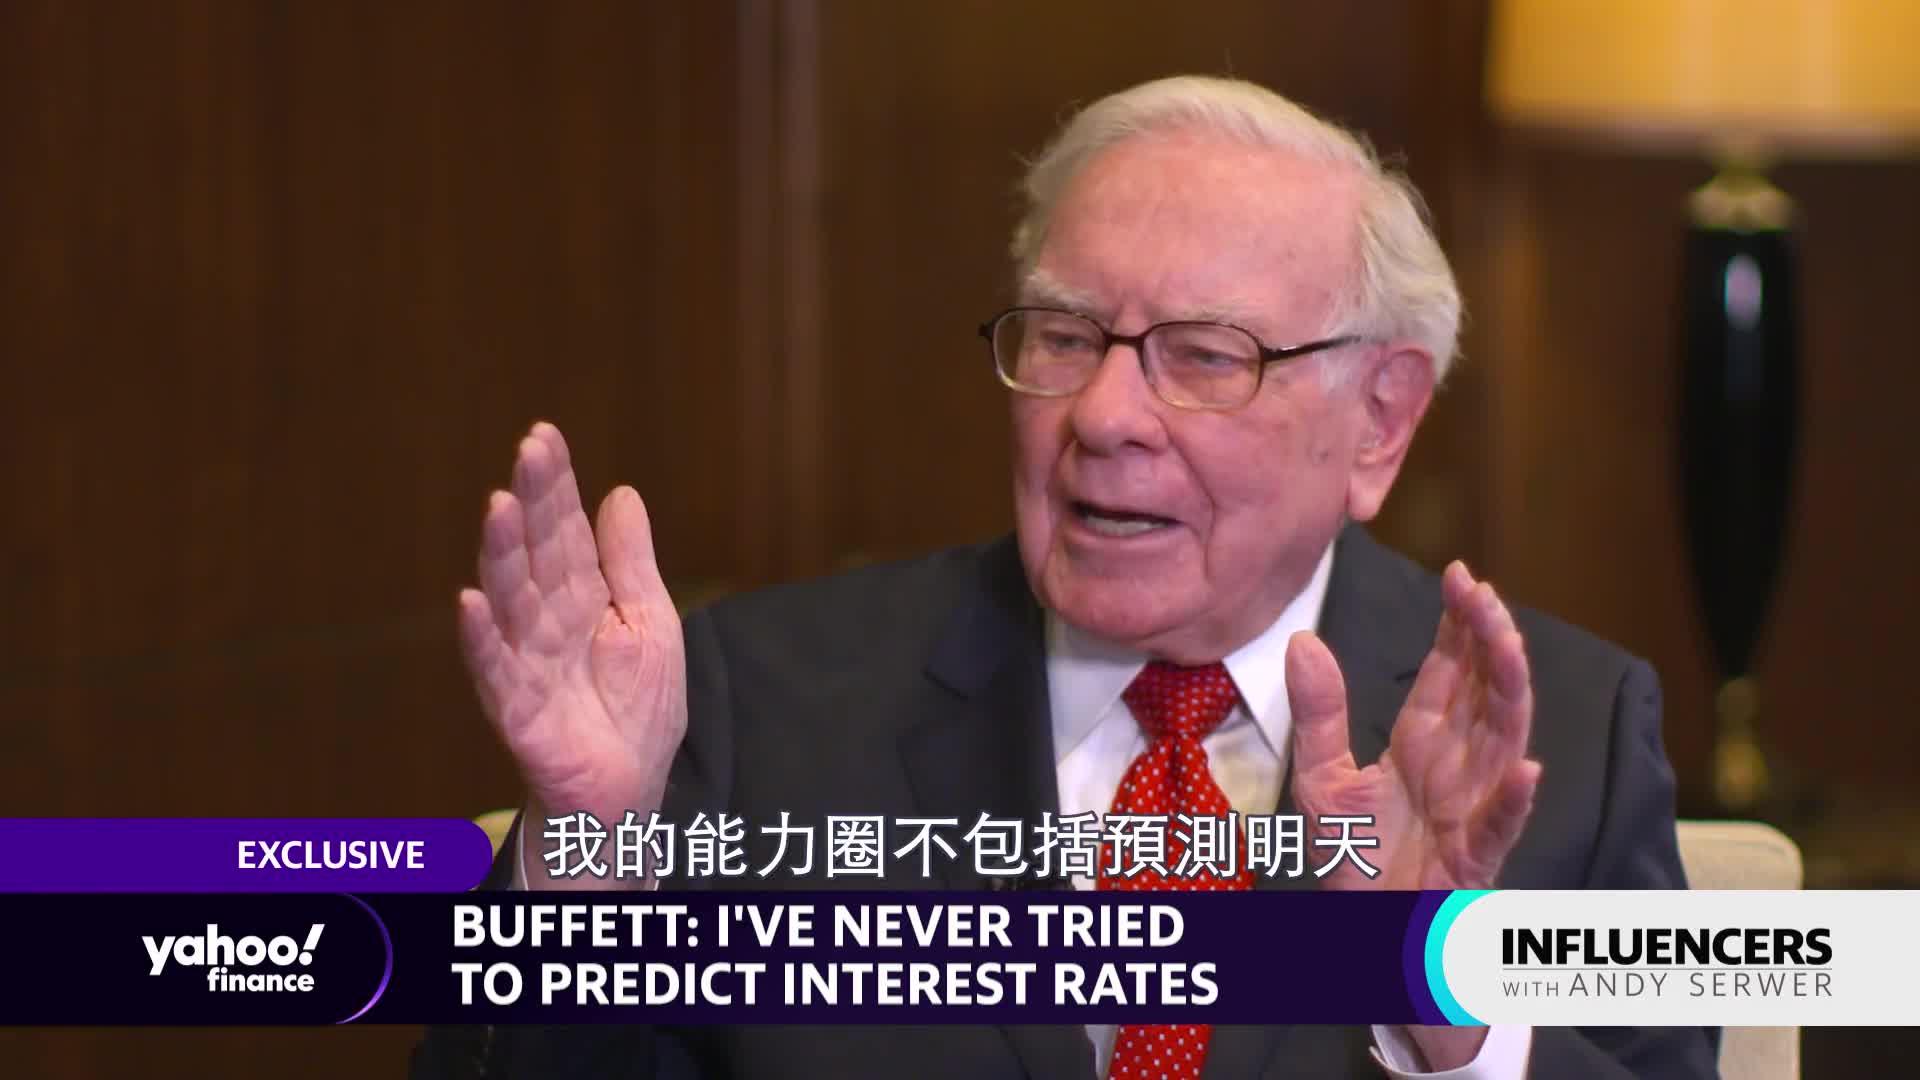 負利率時代來臨 股神巴菲特怎麼看?